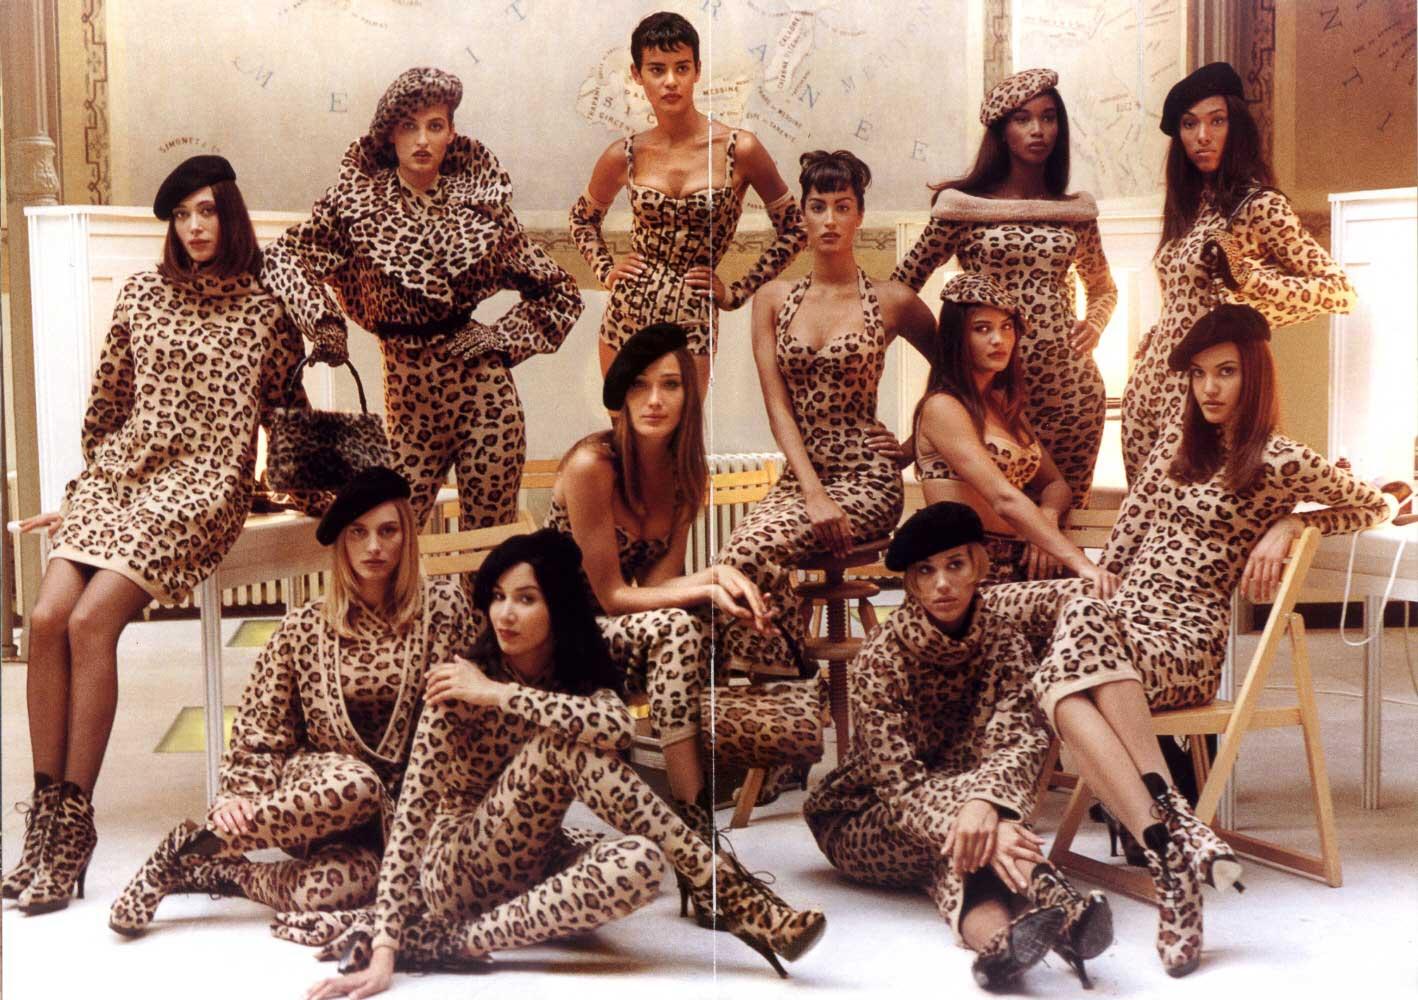 leopard-print-models